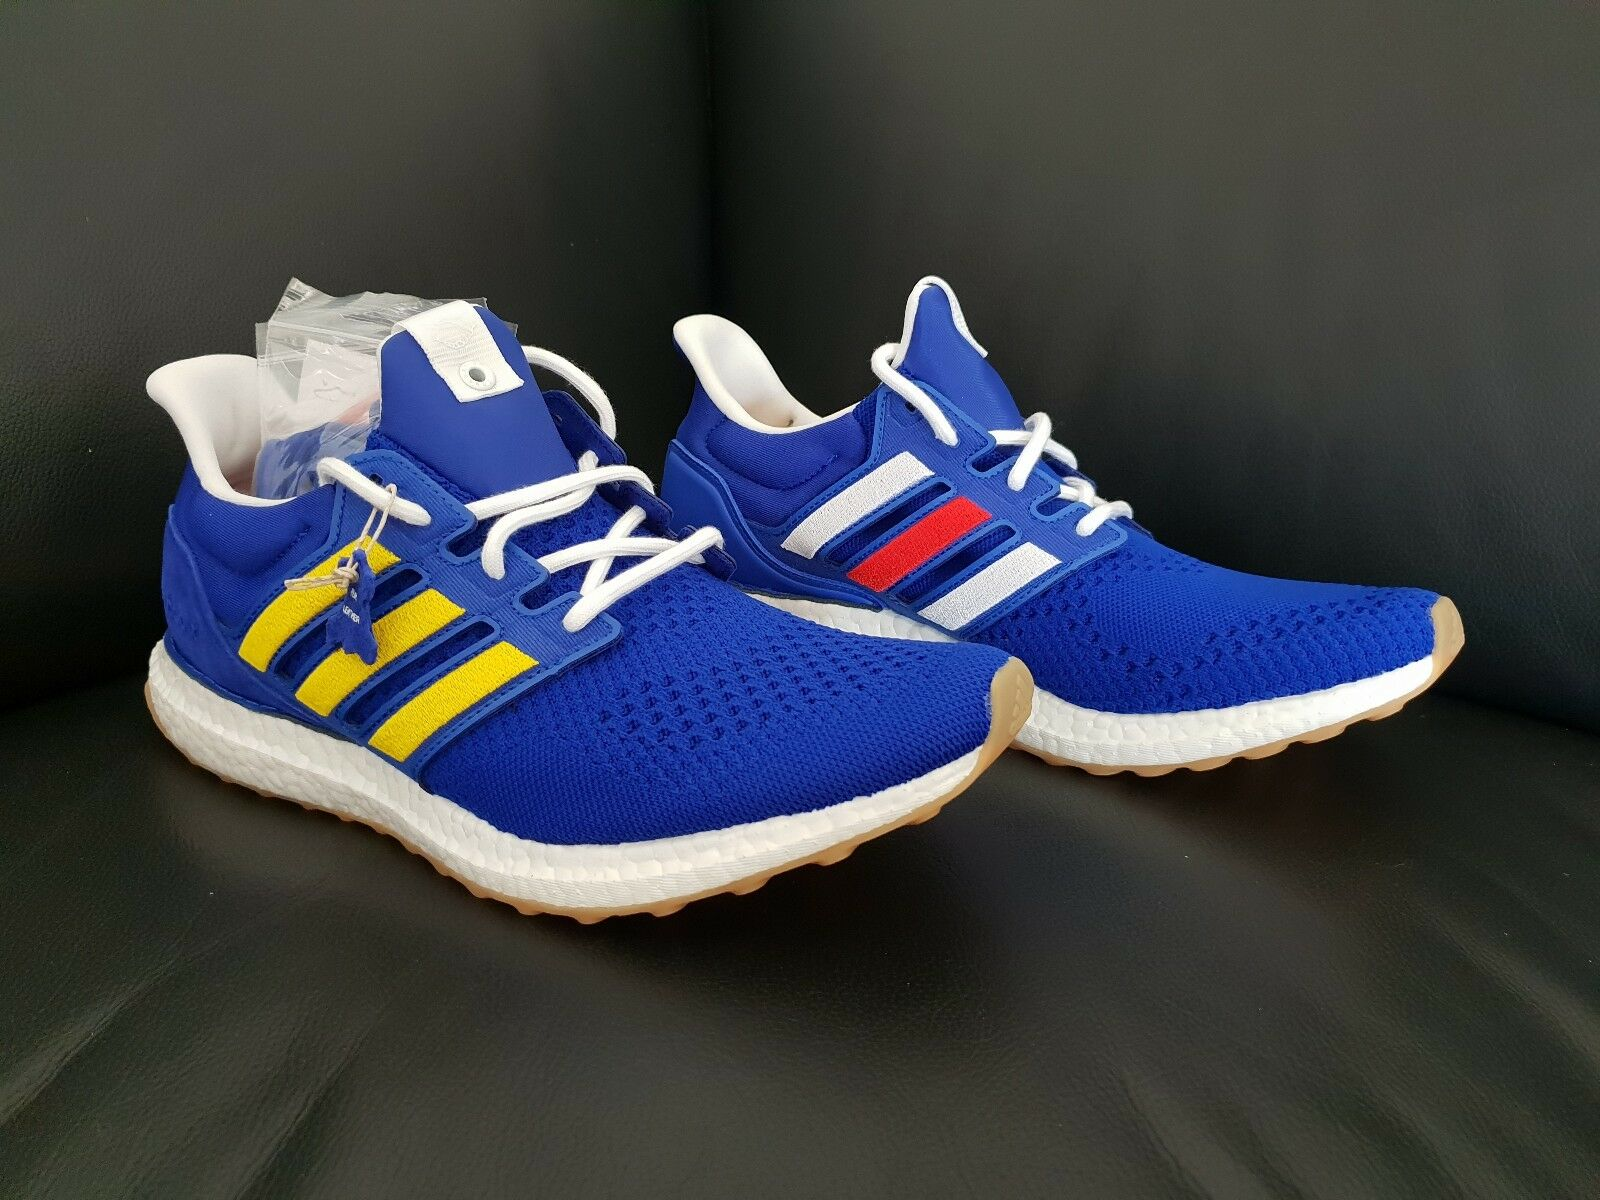 Adidas Adidas Adidas x manipulierte kleidungsstücke ultra - boost, blau / multi - farbe, 10 us - a69d62